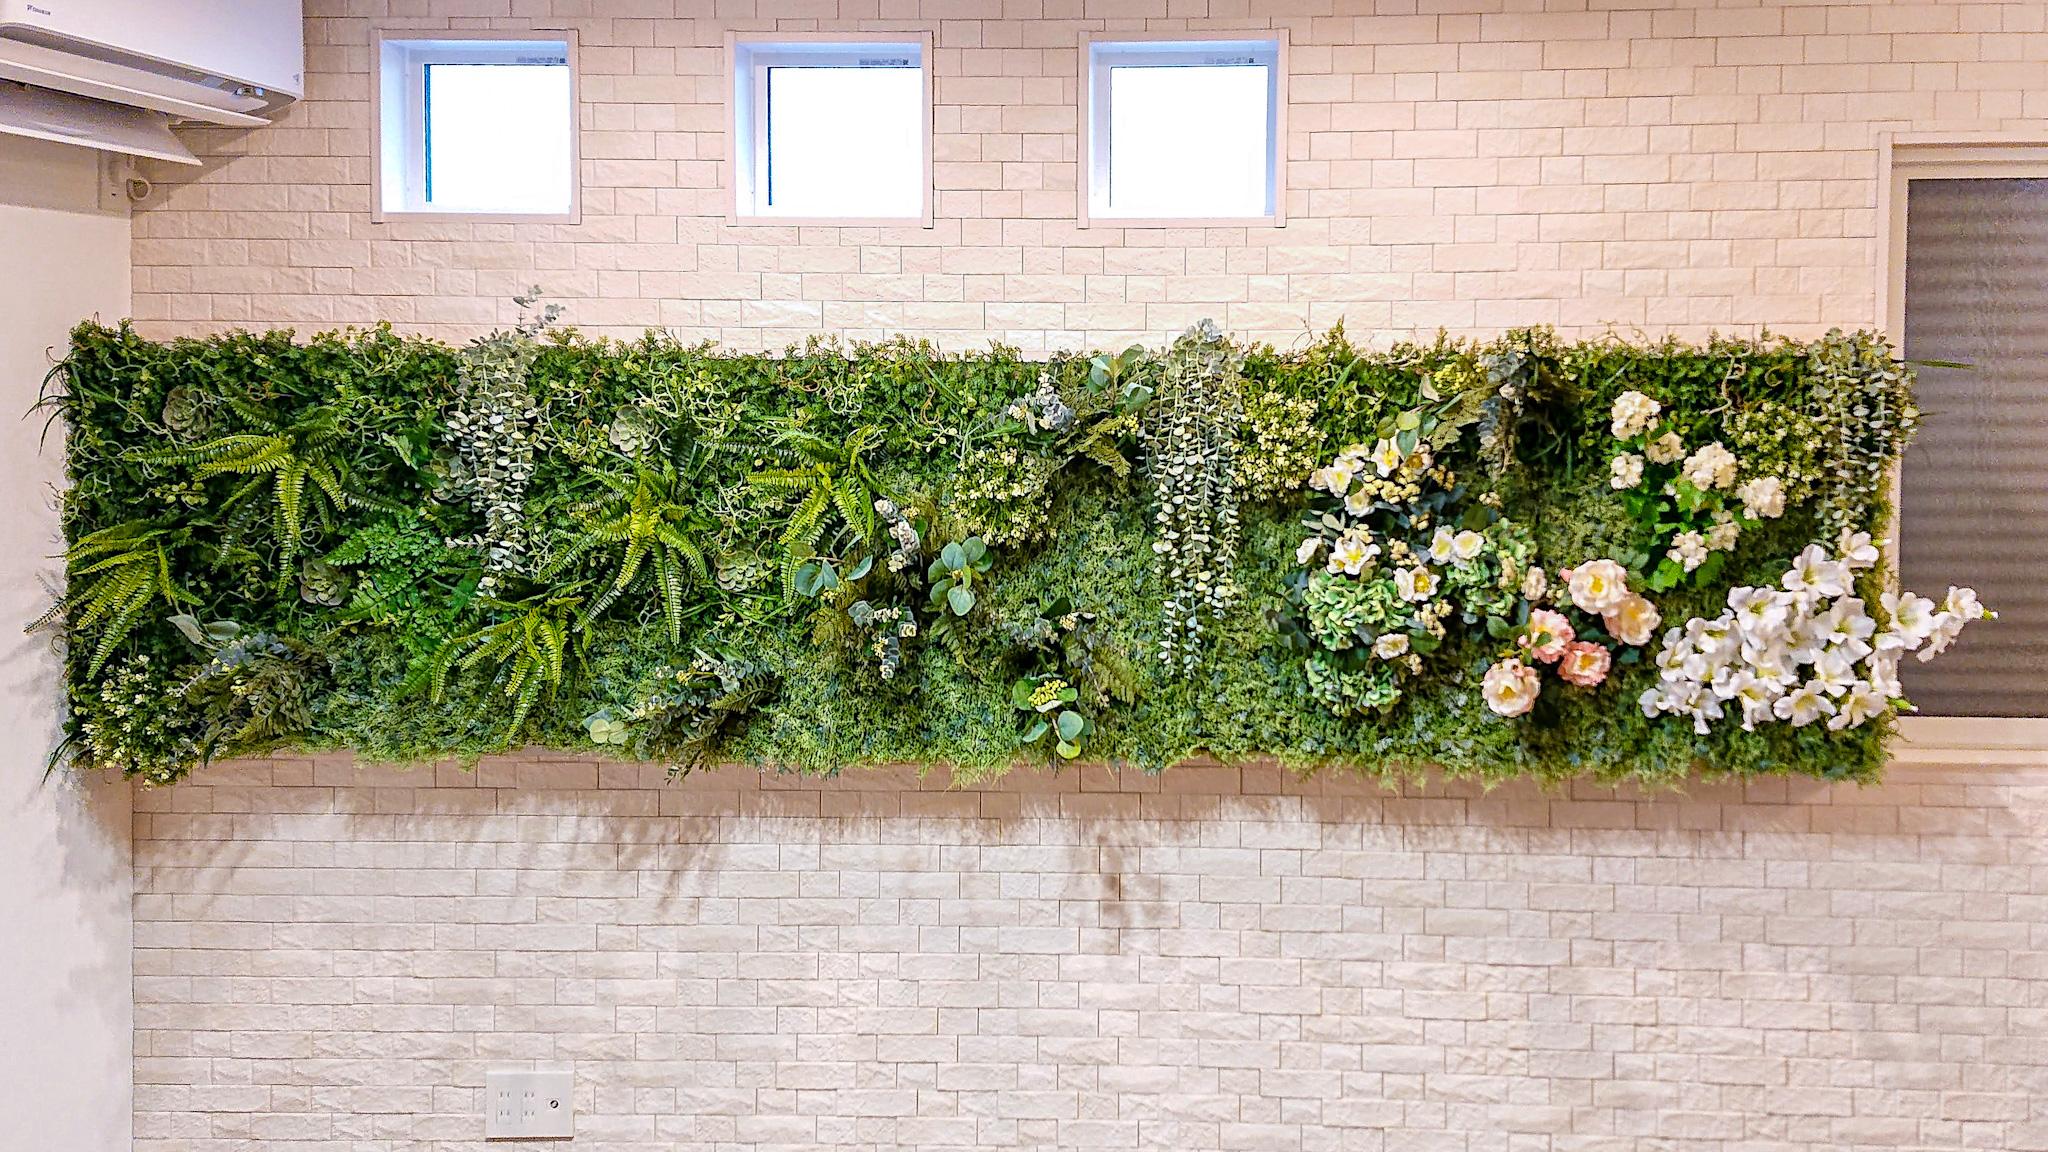 壁に直接土台を作り、フェイクグリーンで飾りました。土台の上下には間接照明を設置。装飾されたグリーンがより映えます。